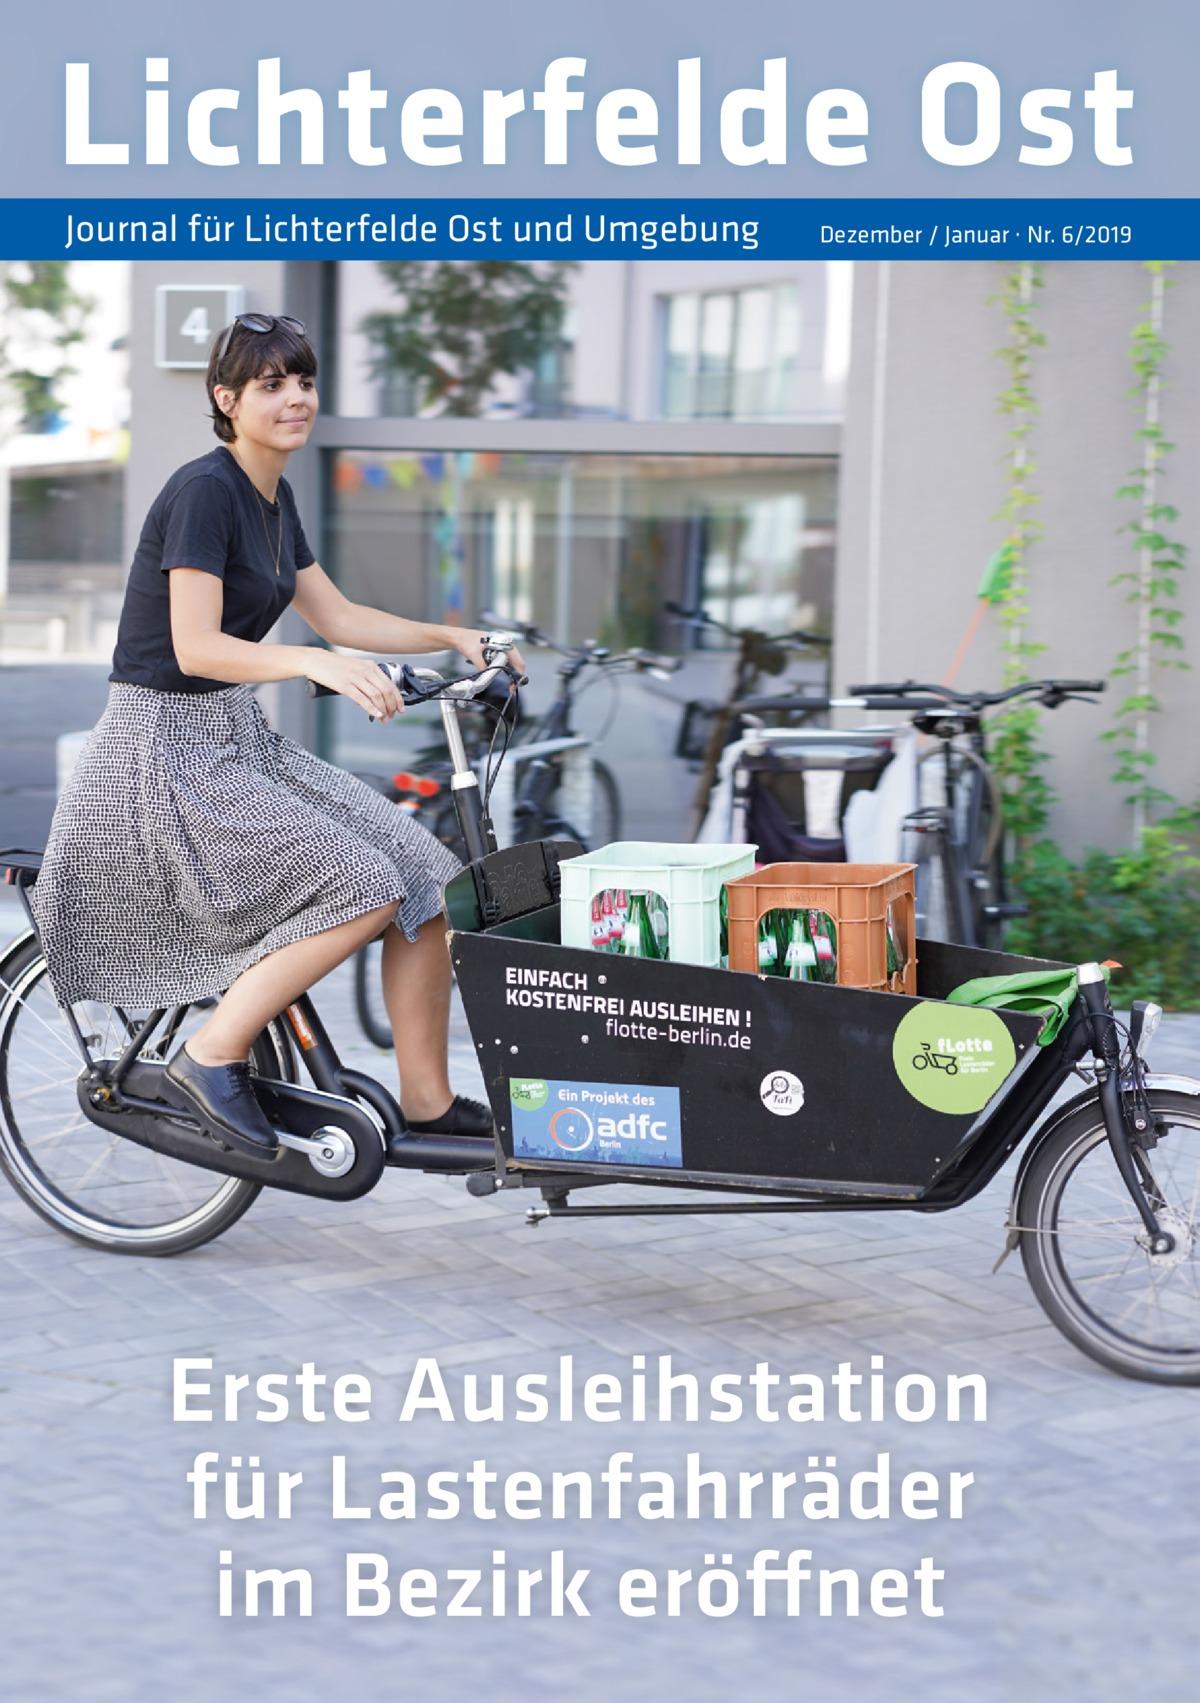 Lichterfelde Ost Journal für Lichterfelde Ost und Umgebung  Dezember / Januar · Nr. 6/2019  Erste Ausleihstation für Lastenfahrräder im Bezirk eröffnet